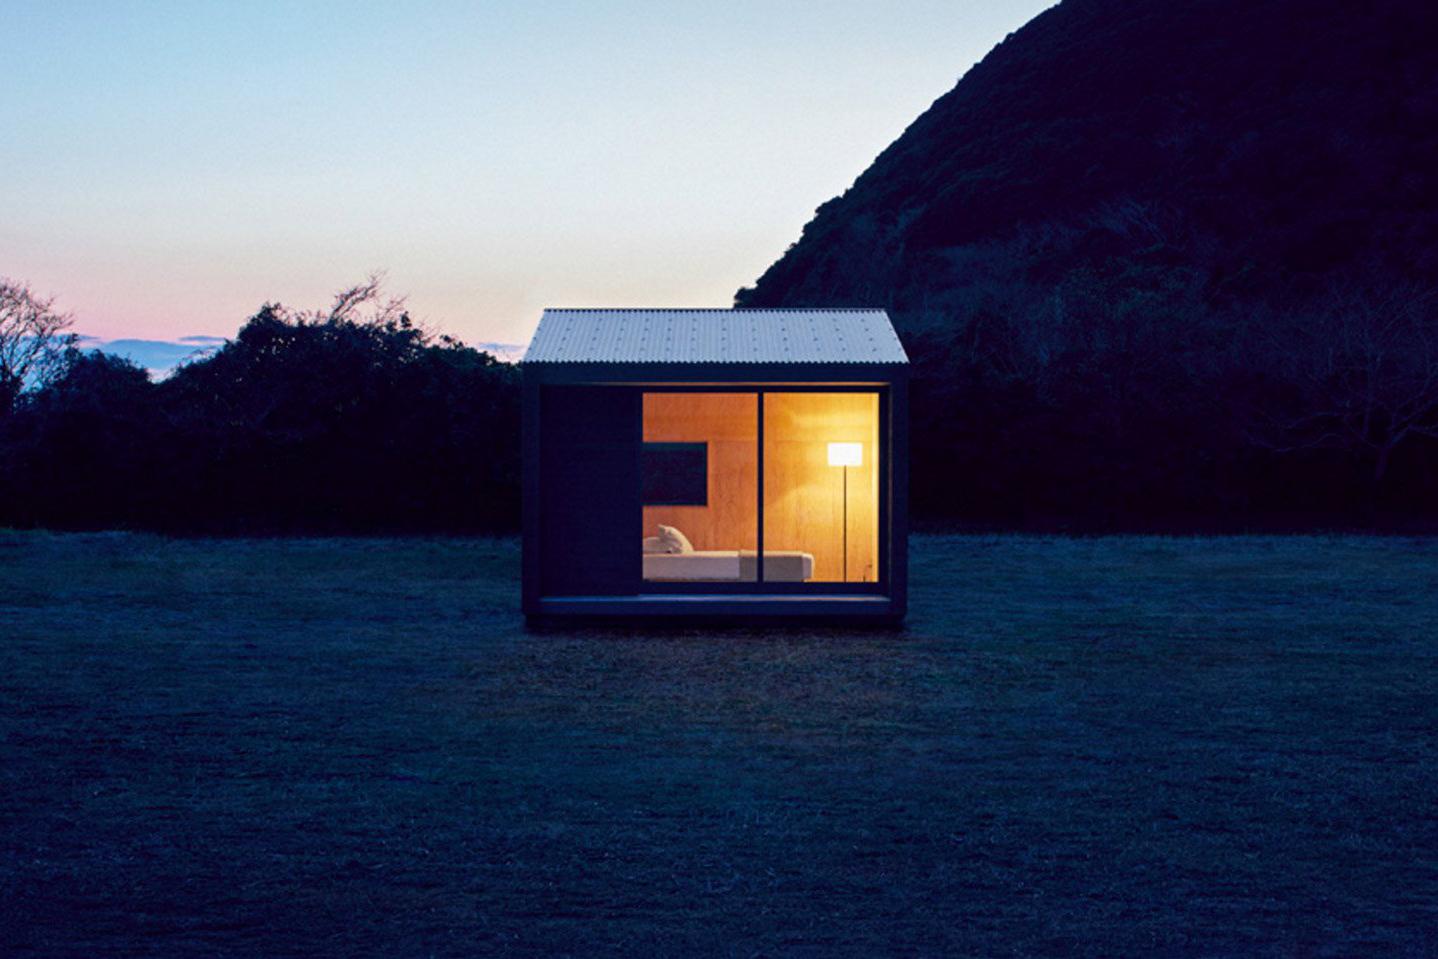 muji-huts-architecture-residential-micro-homes_dezeen_hero-c.jpg